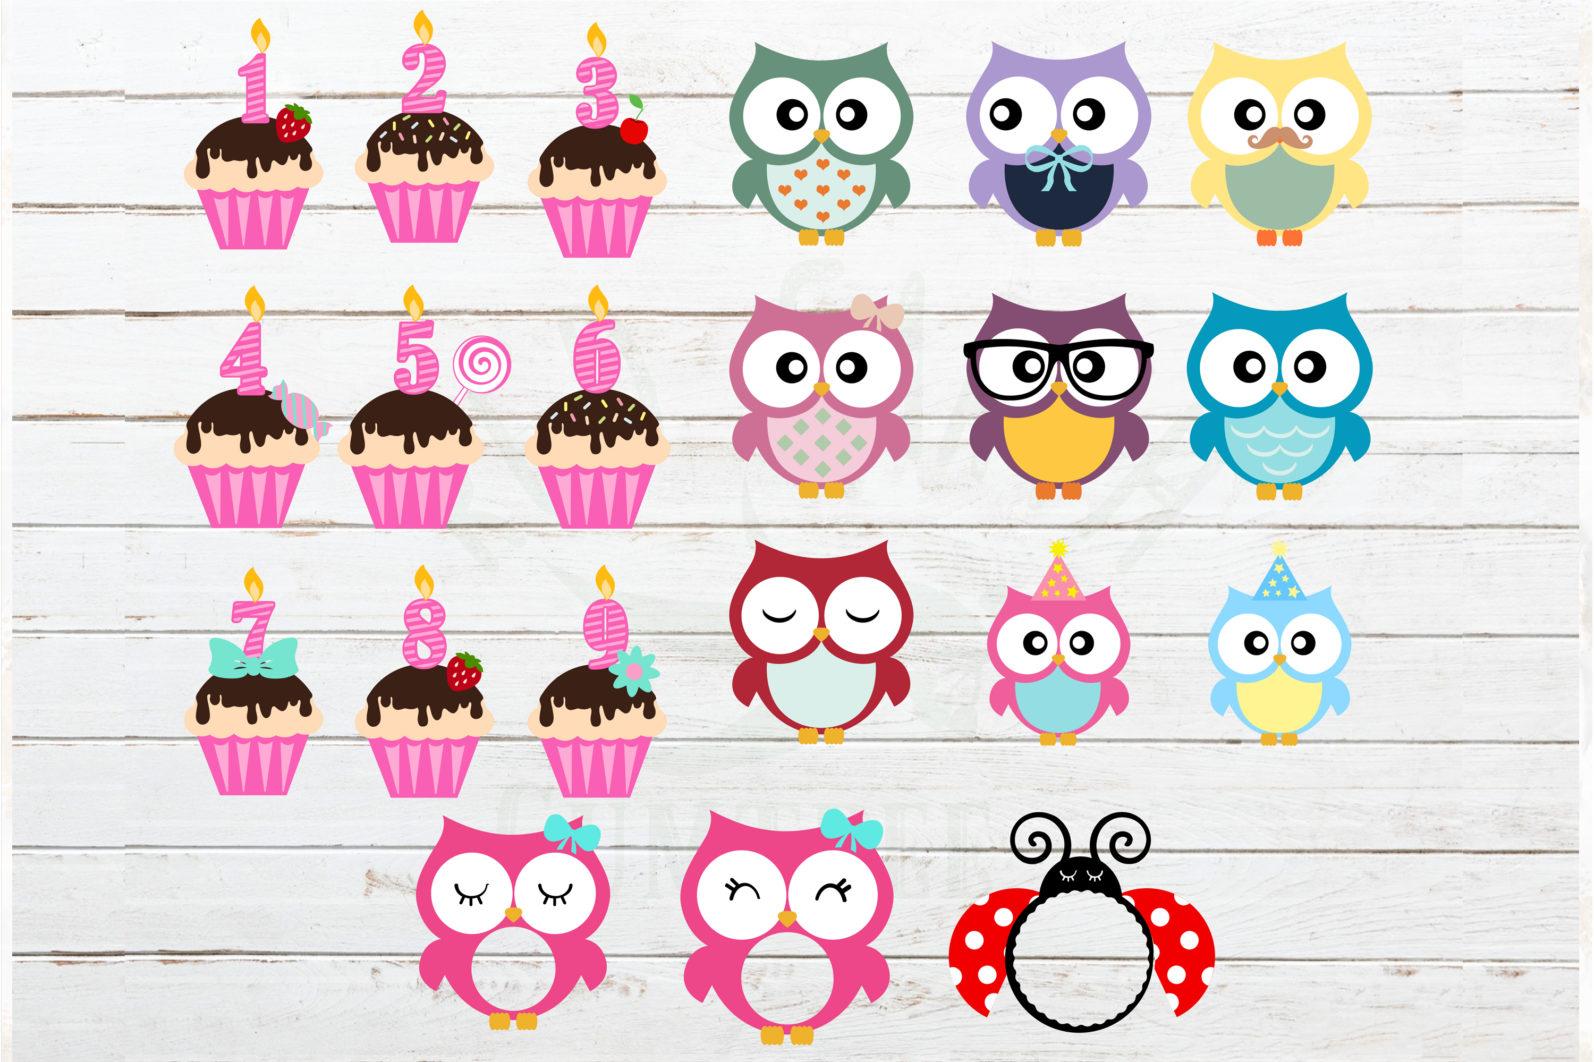 The Mega SVG Bundle Design Volume 2. More than 250 Designs in SVG,PNG,DXF,PDF,EPS formats - svg bundle for cricutfishing bundletrain bundlehoney bee honeycomb svganimal nbundleowl svgfish bundlefarm bundle svgballet bundle svgcute monster faces 6 scaled -